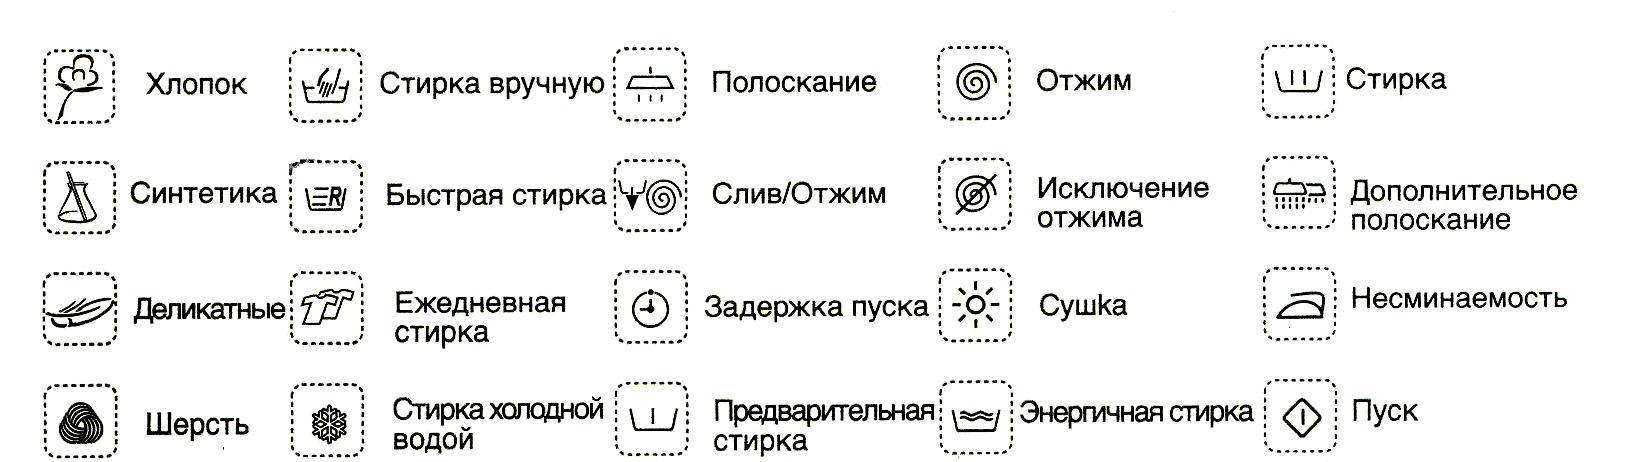 значки на стиральной машине